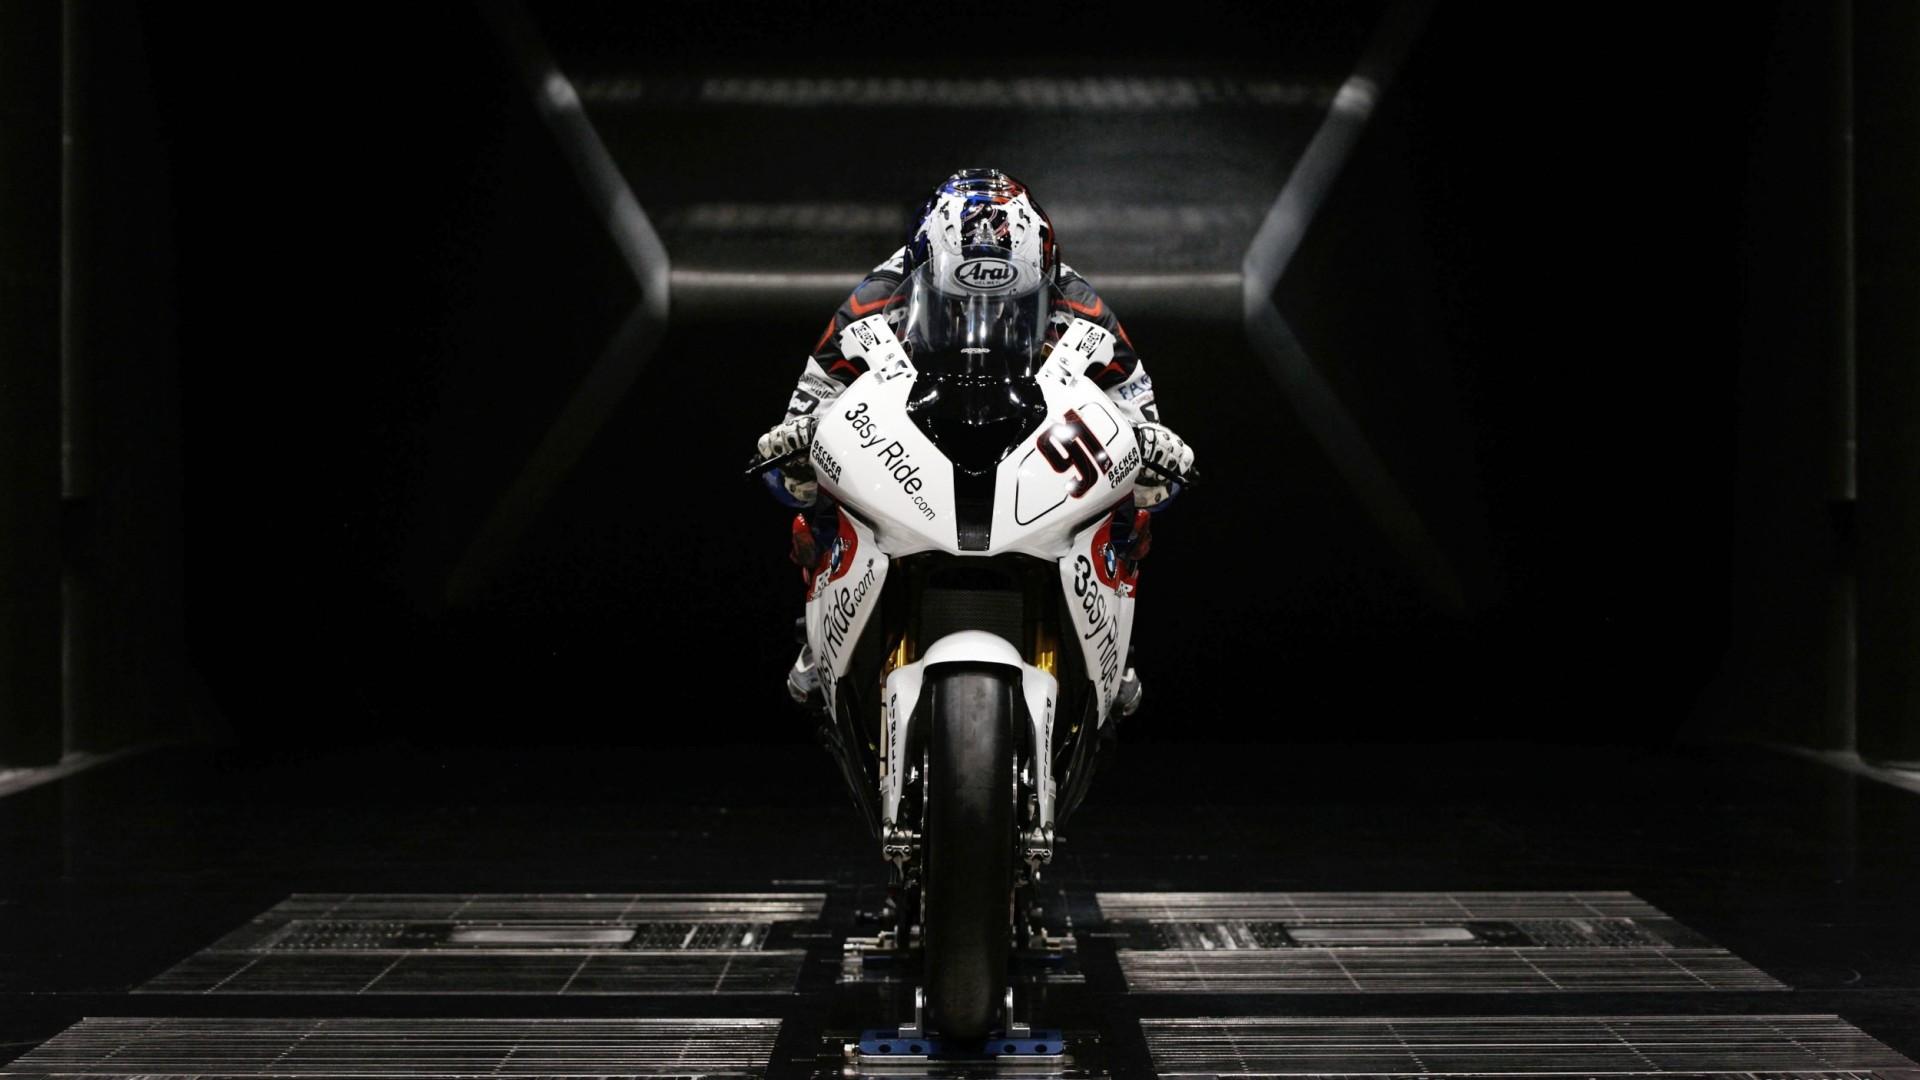 BMW-Sportbike-1080x1920.jpg